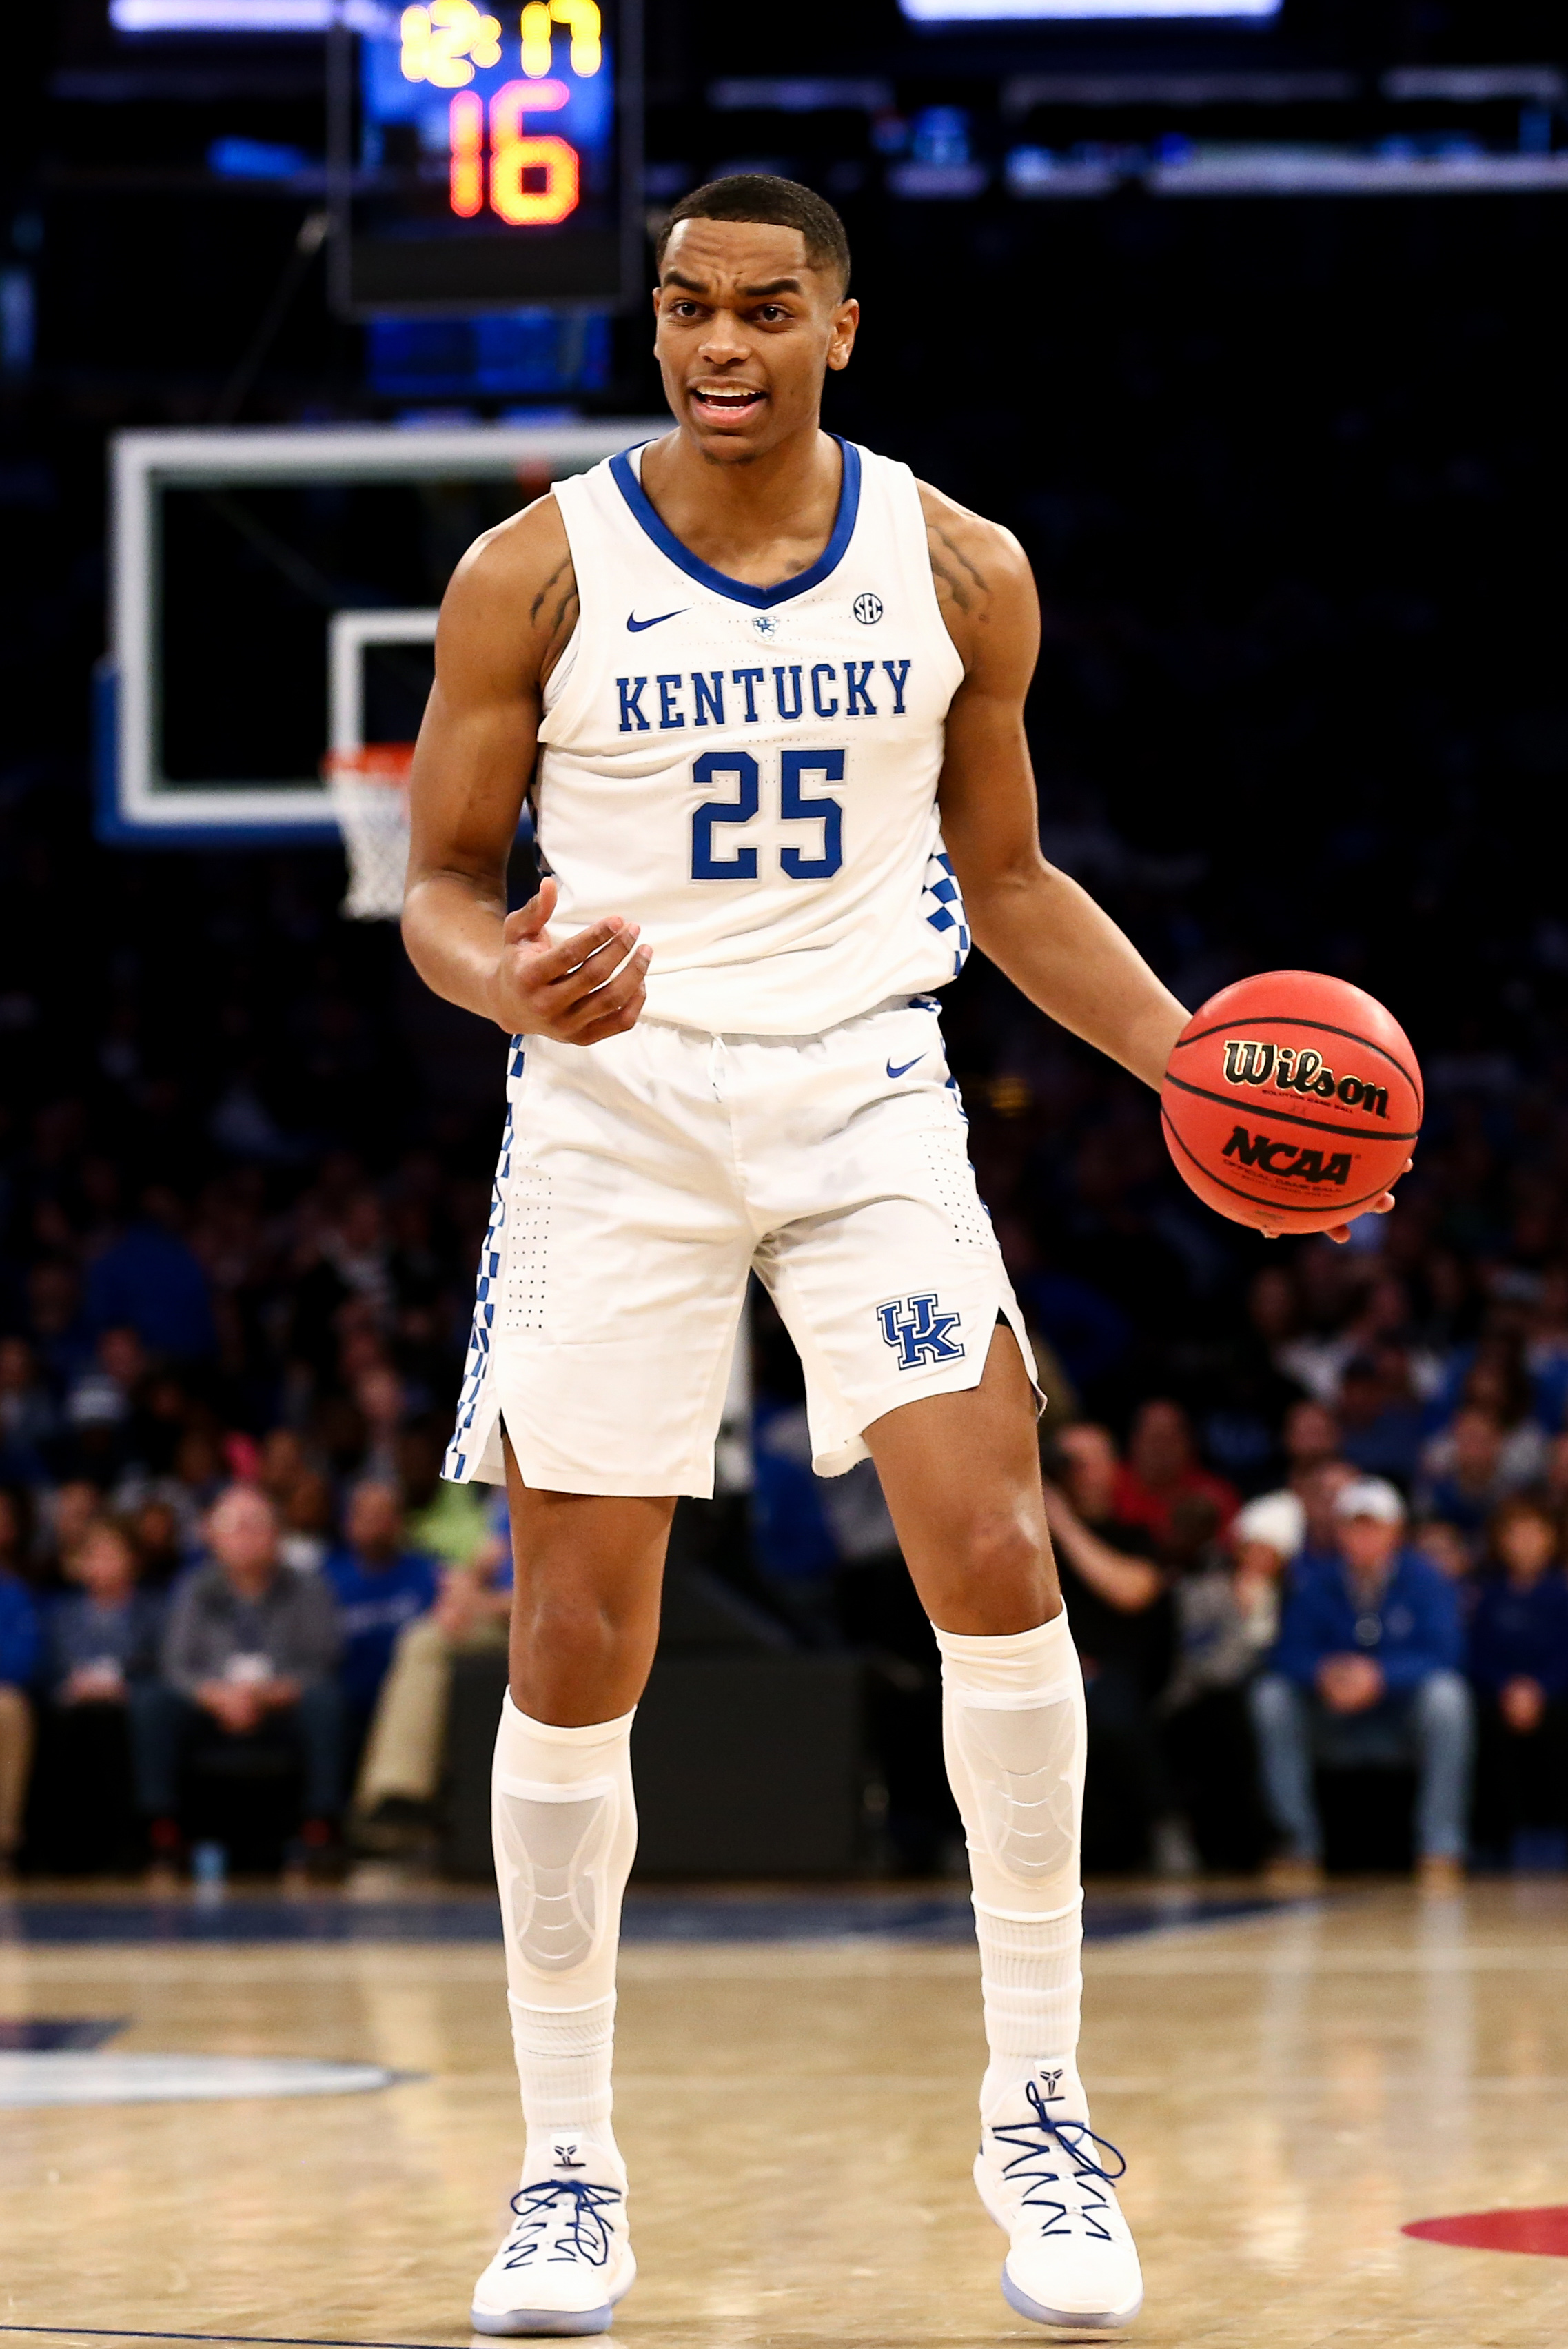 NCAA Basketball: Kentucky at Seton Hall